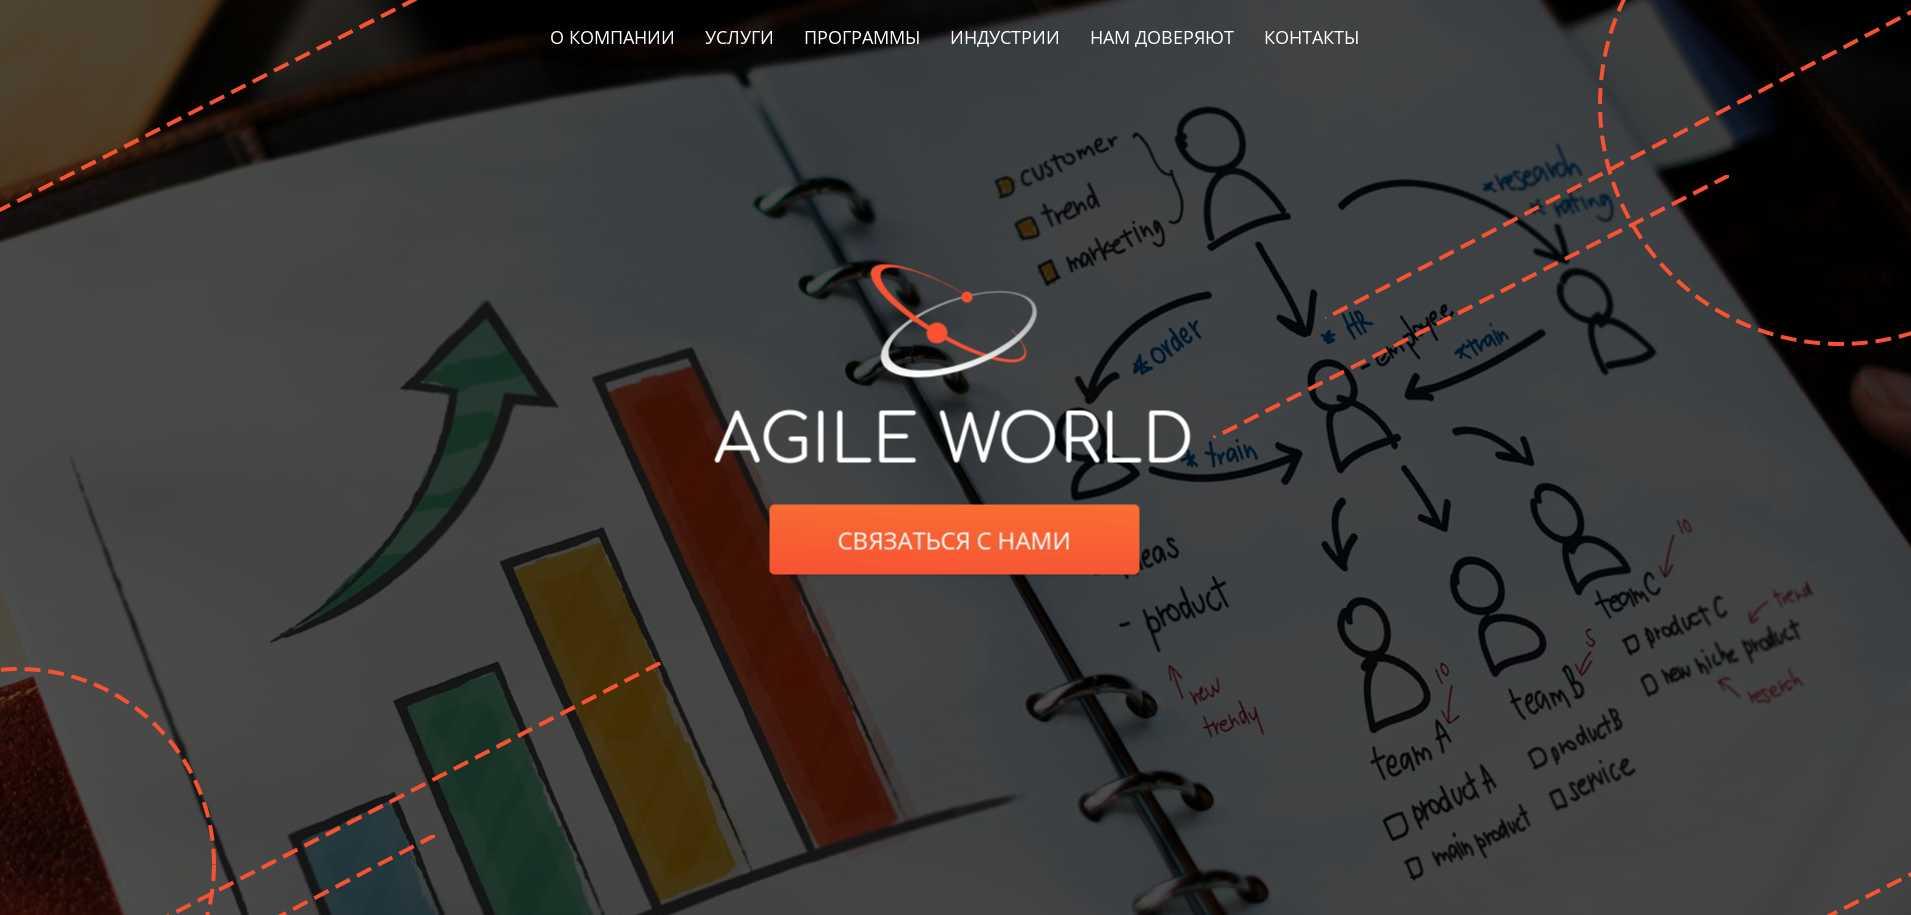 Разработка Landing Page для компании AGILE WORLD